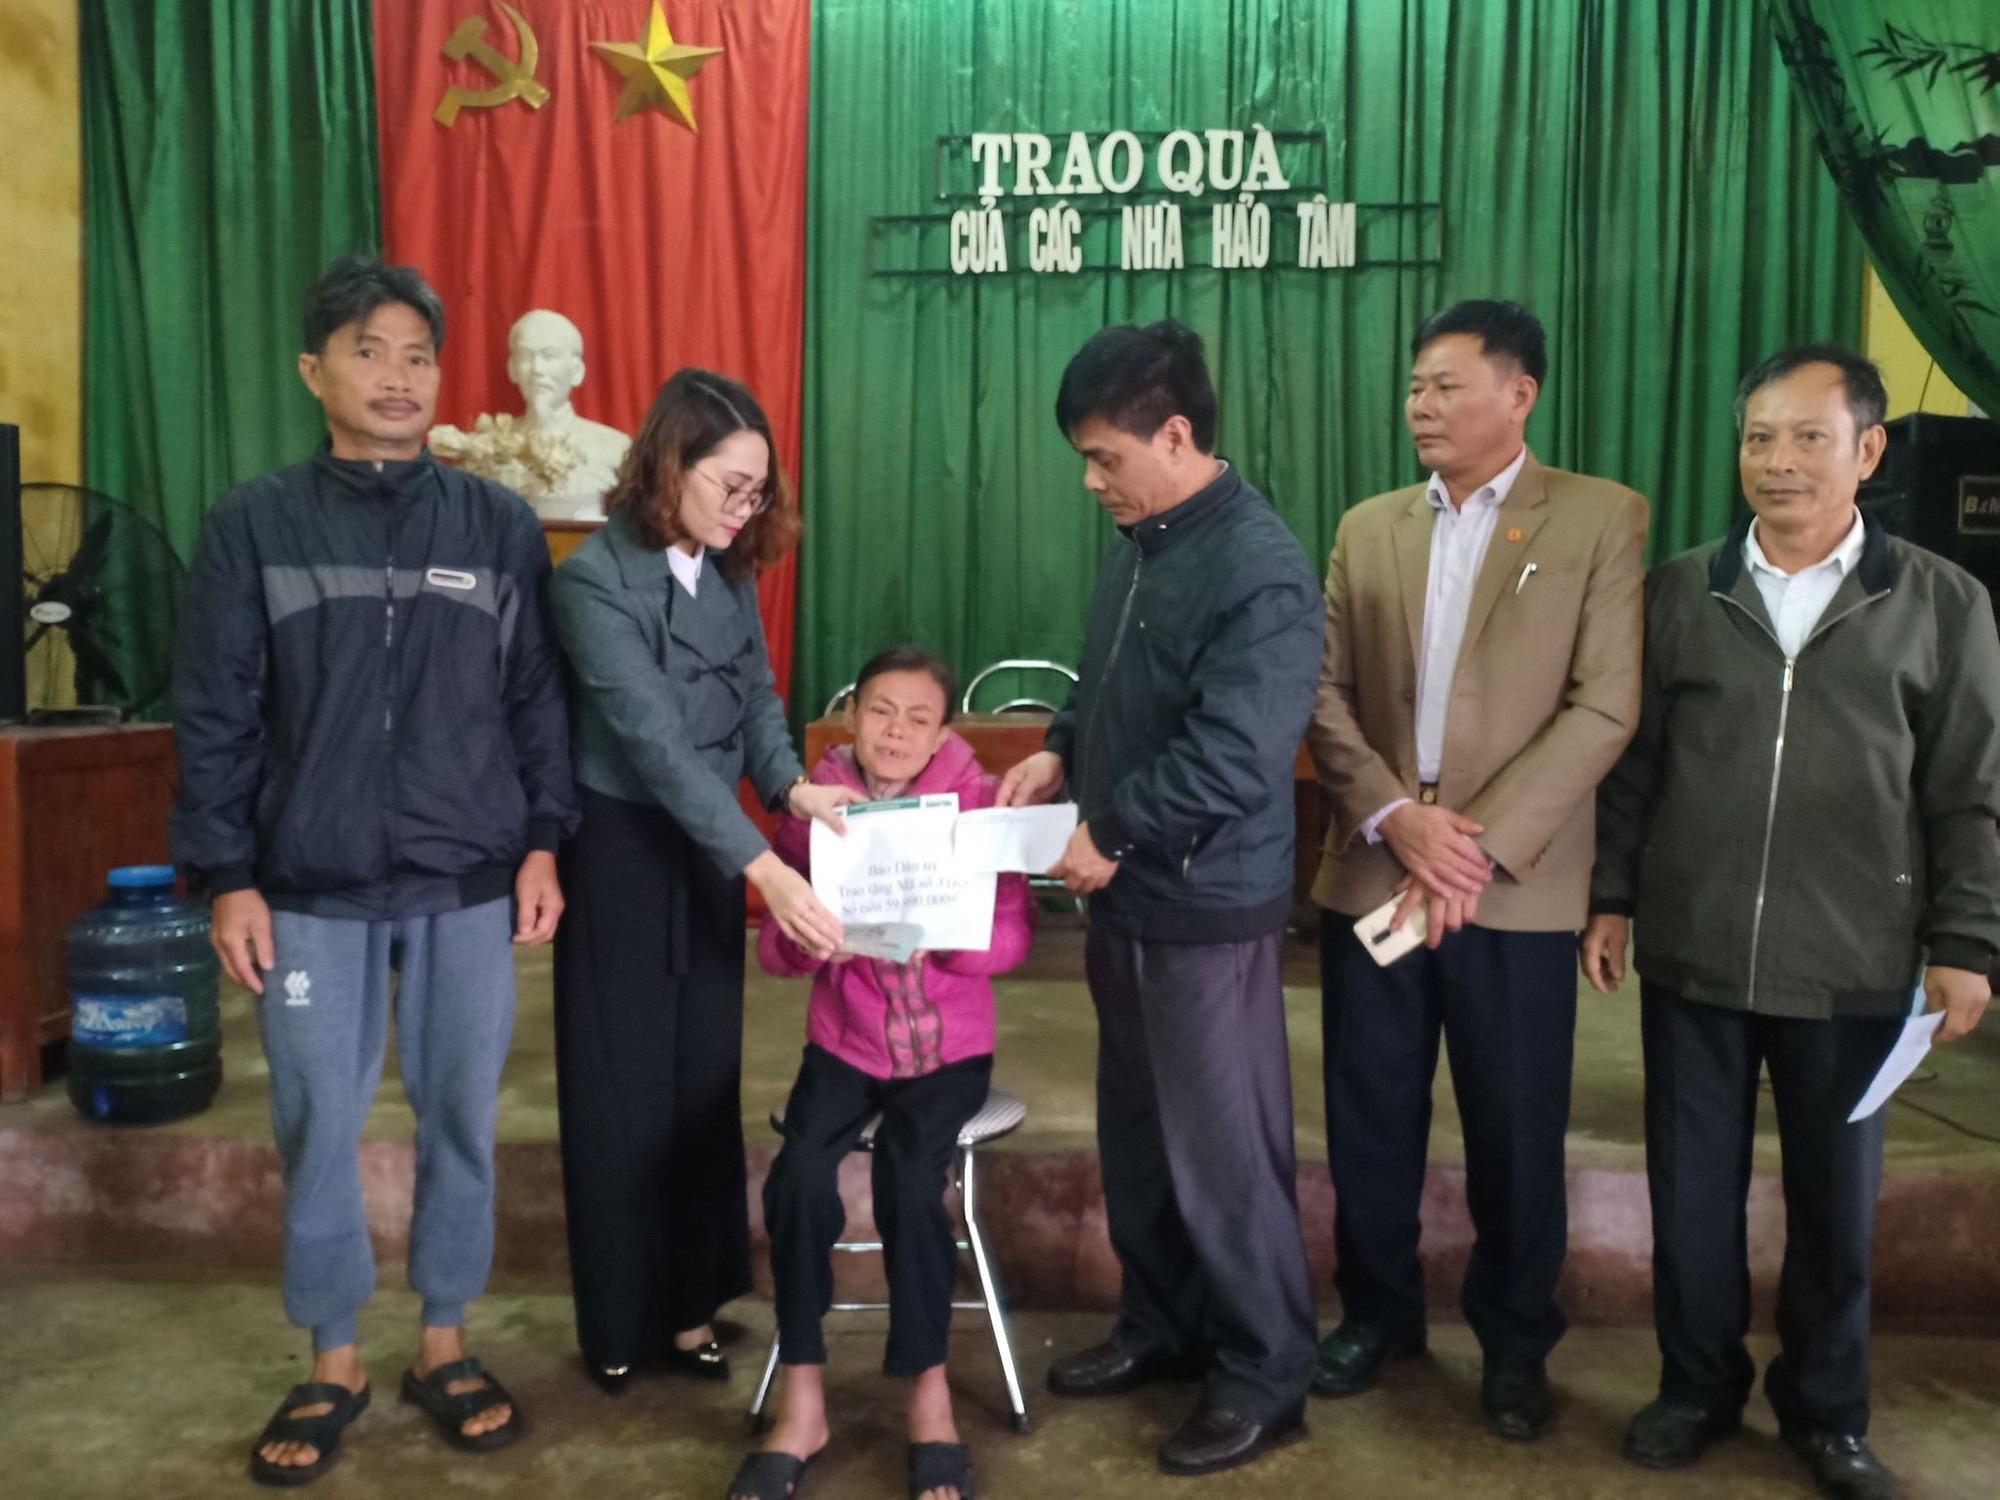 Bạn đọc giúp đỡ gia đình bà Vũ Thị Tâm gần 60 triệu đồng - Ảnh 1.